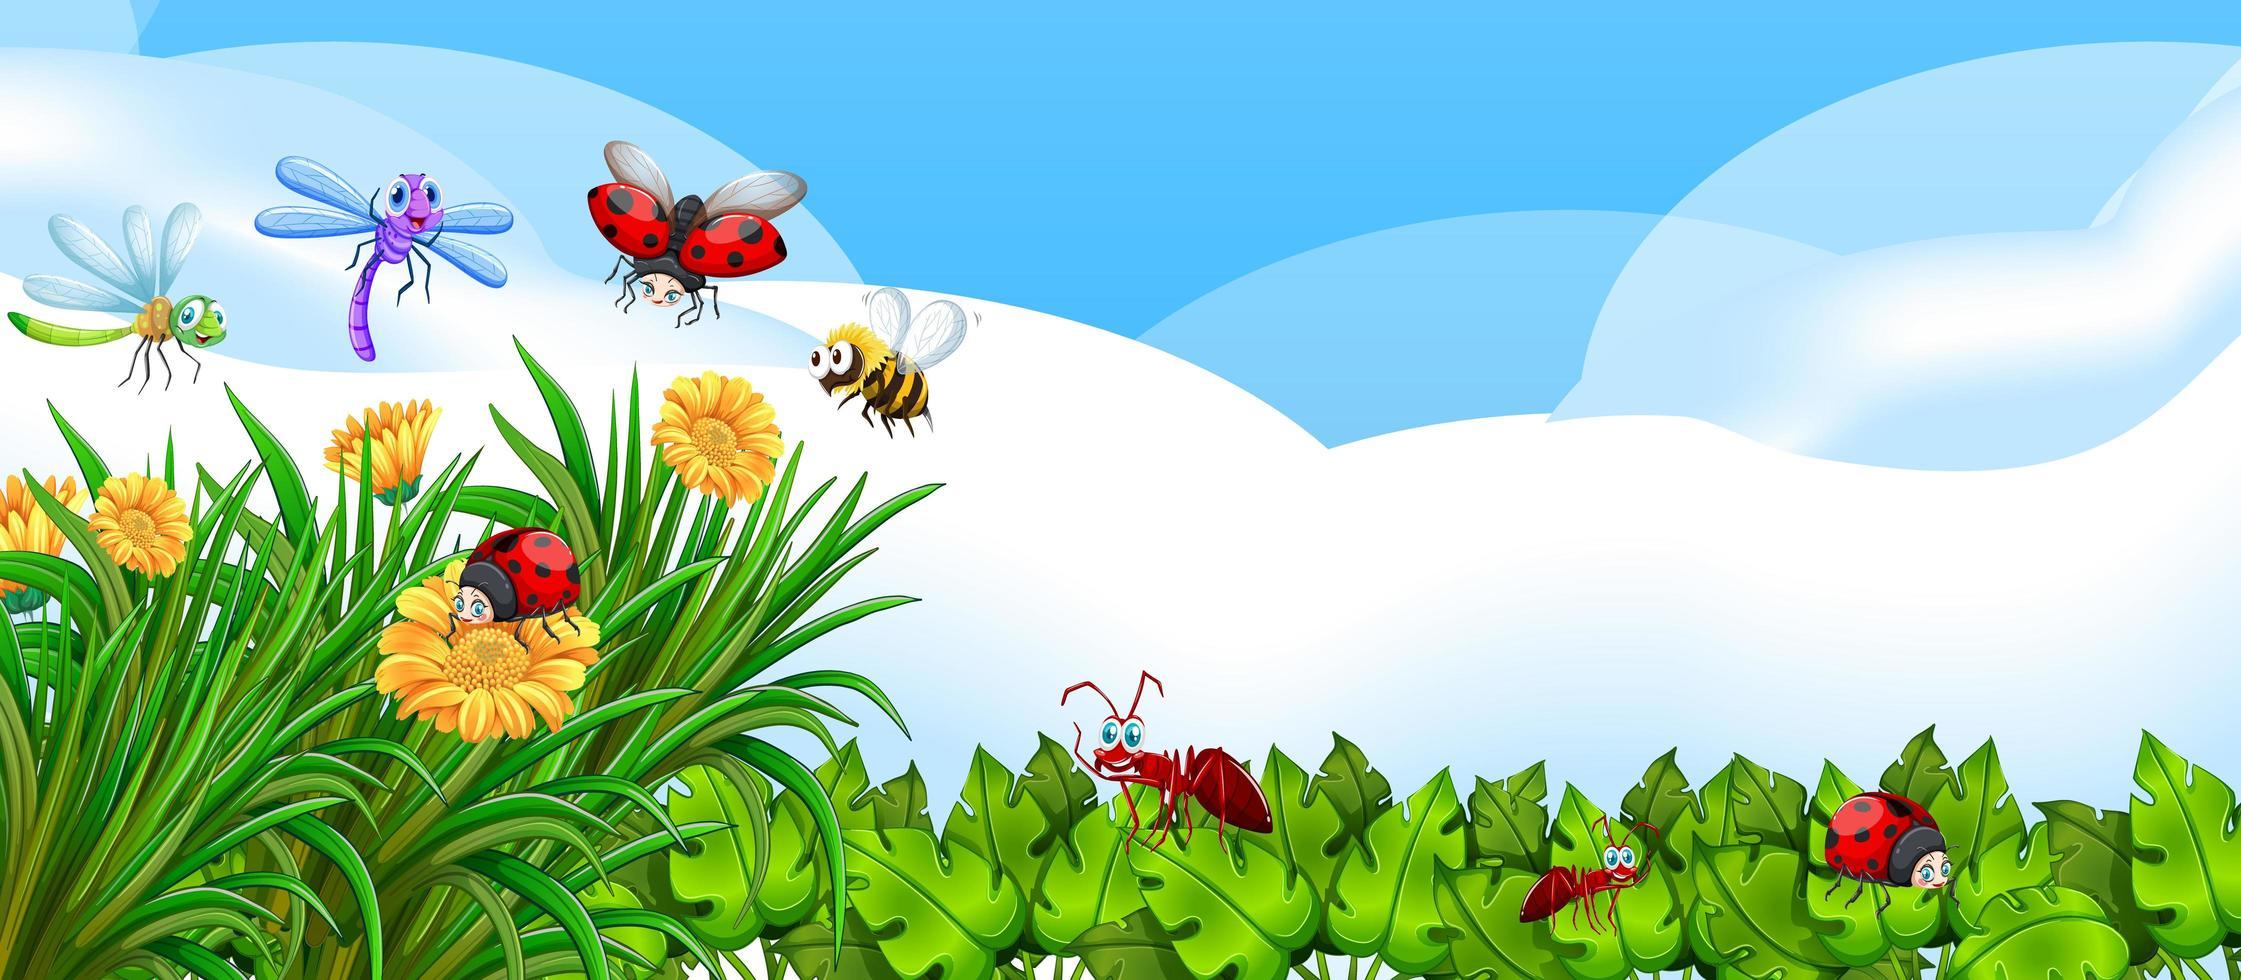 sfondo della natura vuota con molti insetti diversi vettore